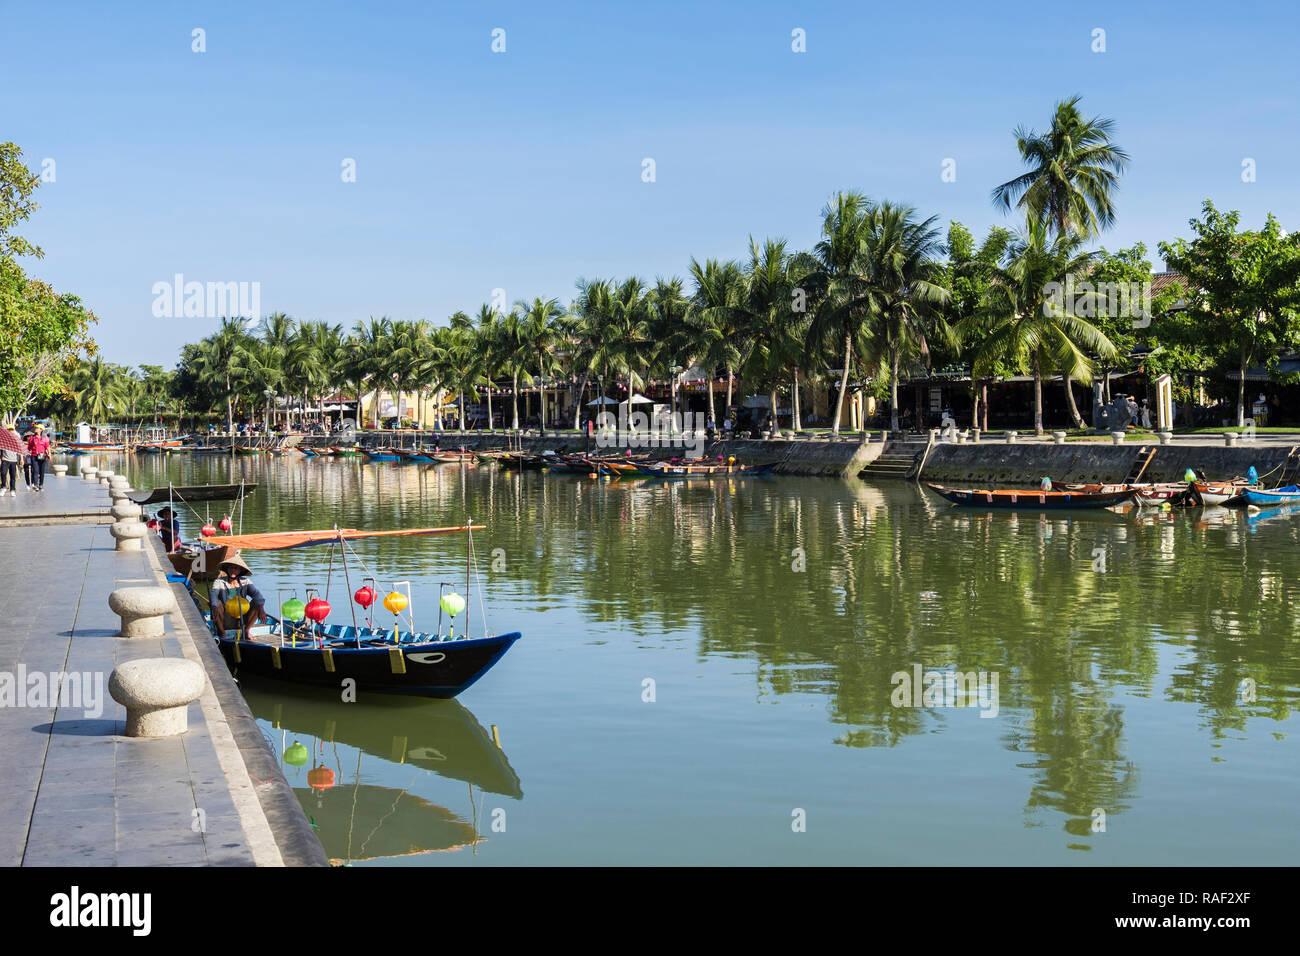 Les petits bateaux traditionnels sur la rivière Thu Bon et bordée de palmiers dans le vieux quartier de la ville historique. Hoi An, Quang Nam, Vietnam, Asie Photo Stock